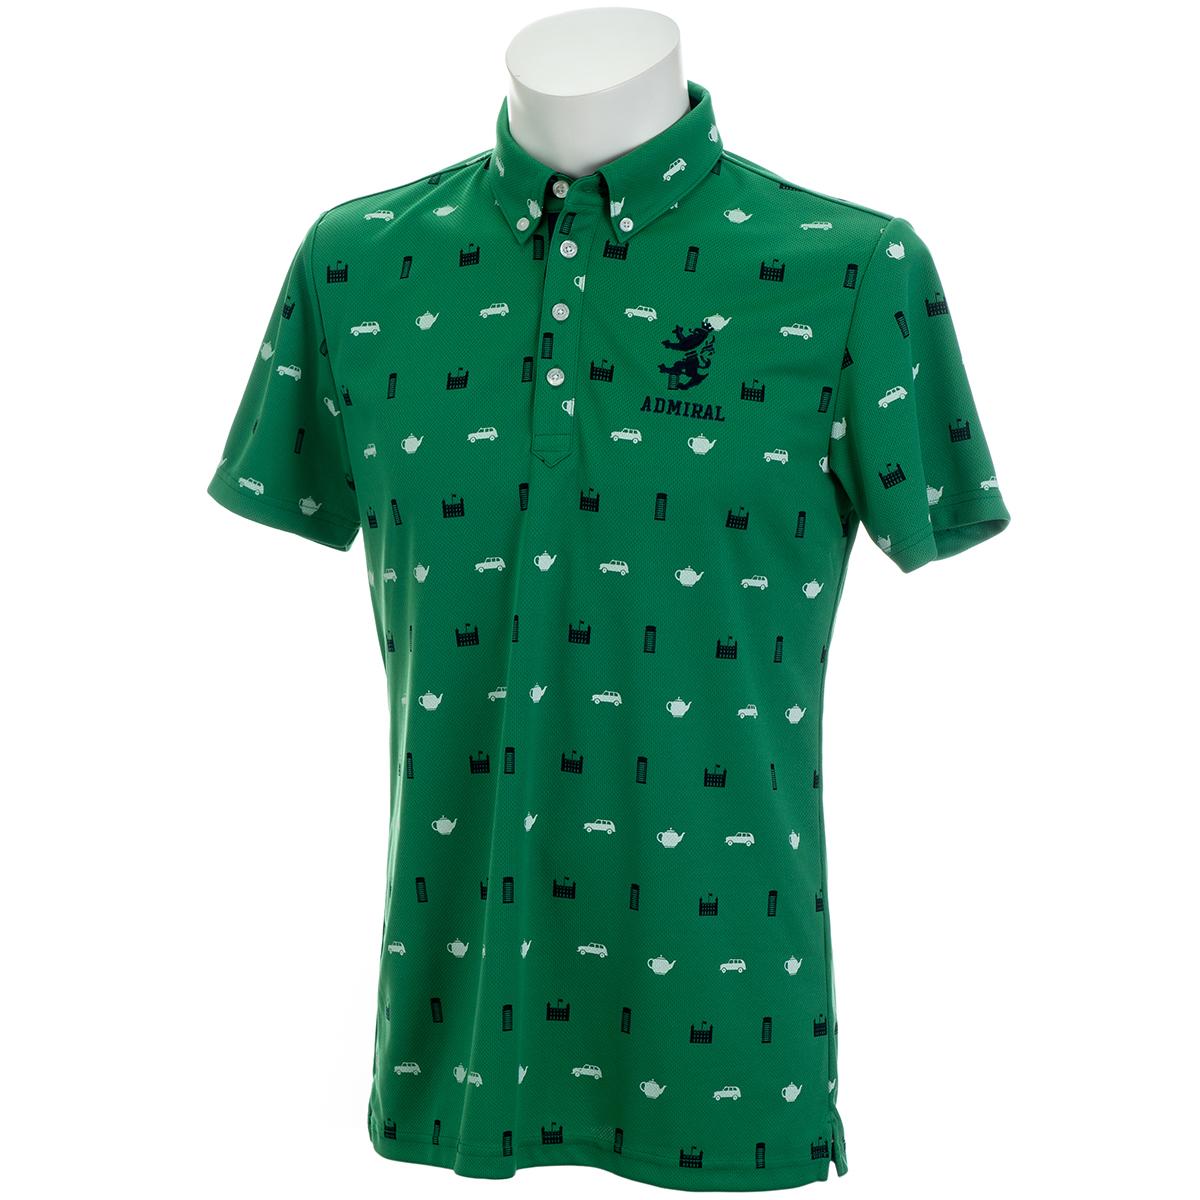 総柄アイコン ボタンダウン半袖ポロシャツ